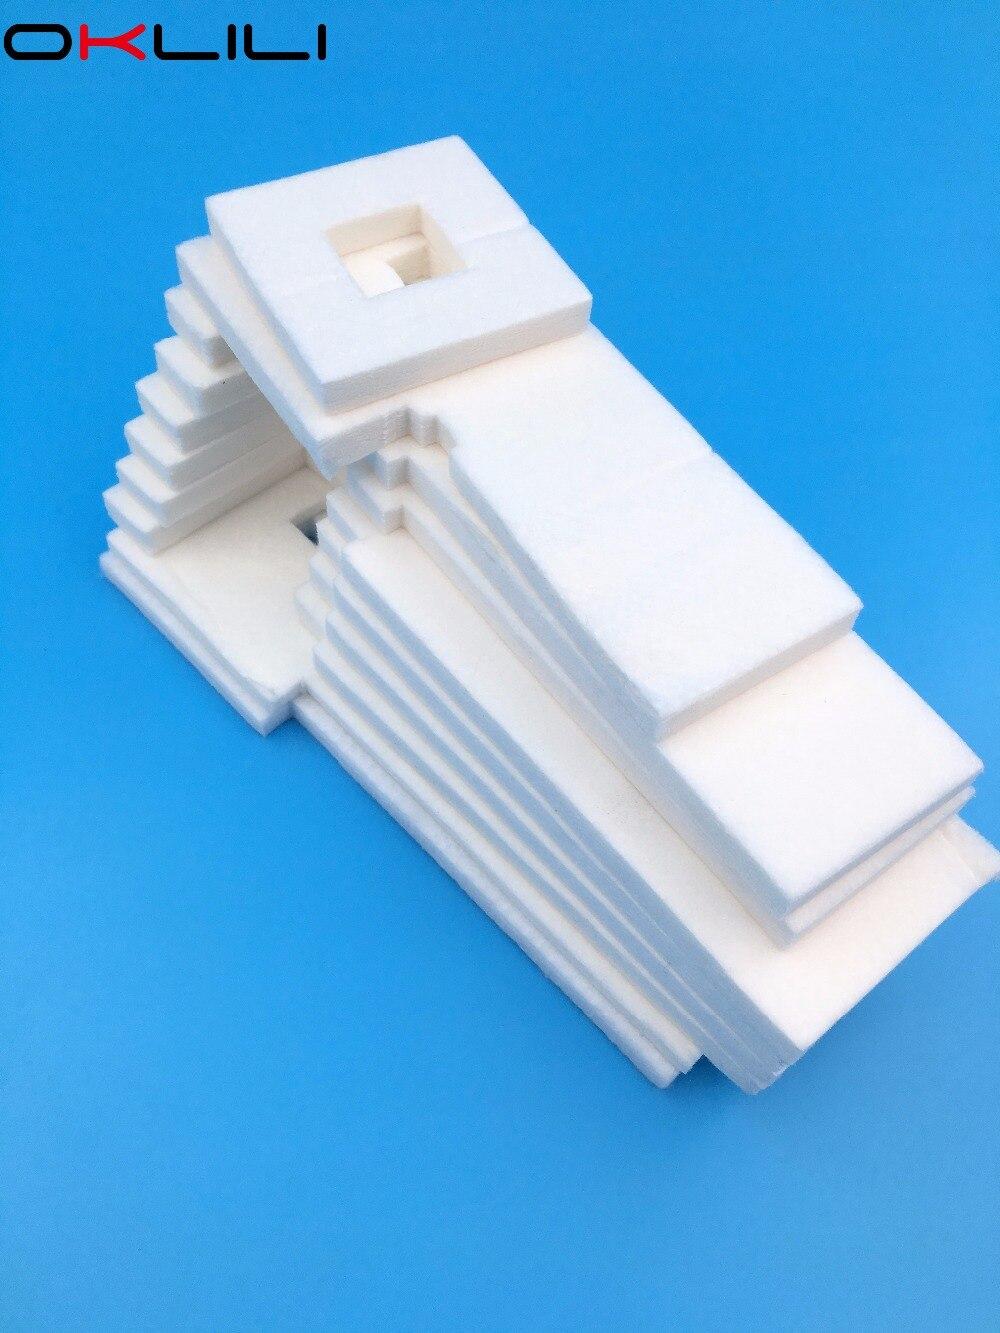 Begeistert 5 Stück Tablett Porösen Pad Abfall Tinte Tank Schwamm Für Epson Et-4500 L550 L551 L555 L558 L565 L575 L566 M200 M100 M105 M205 Wf2010 Wf2510 Modische Muster